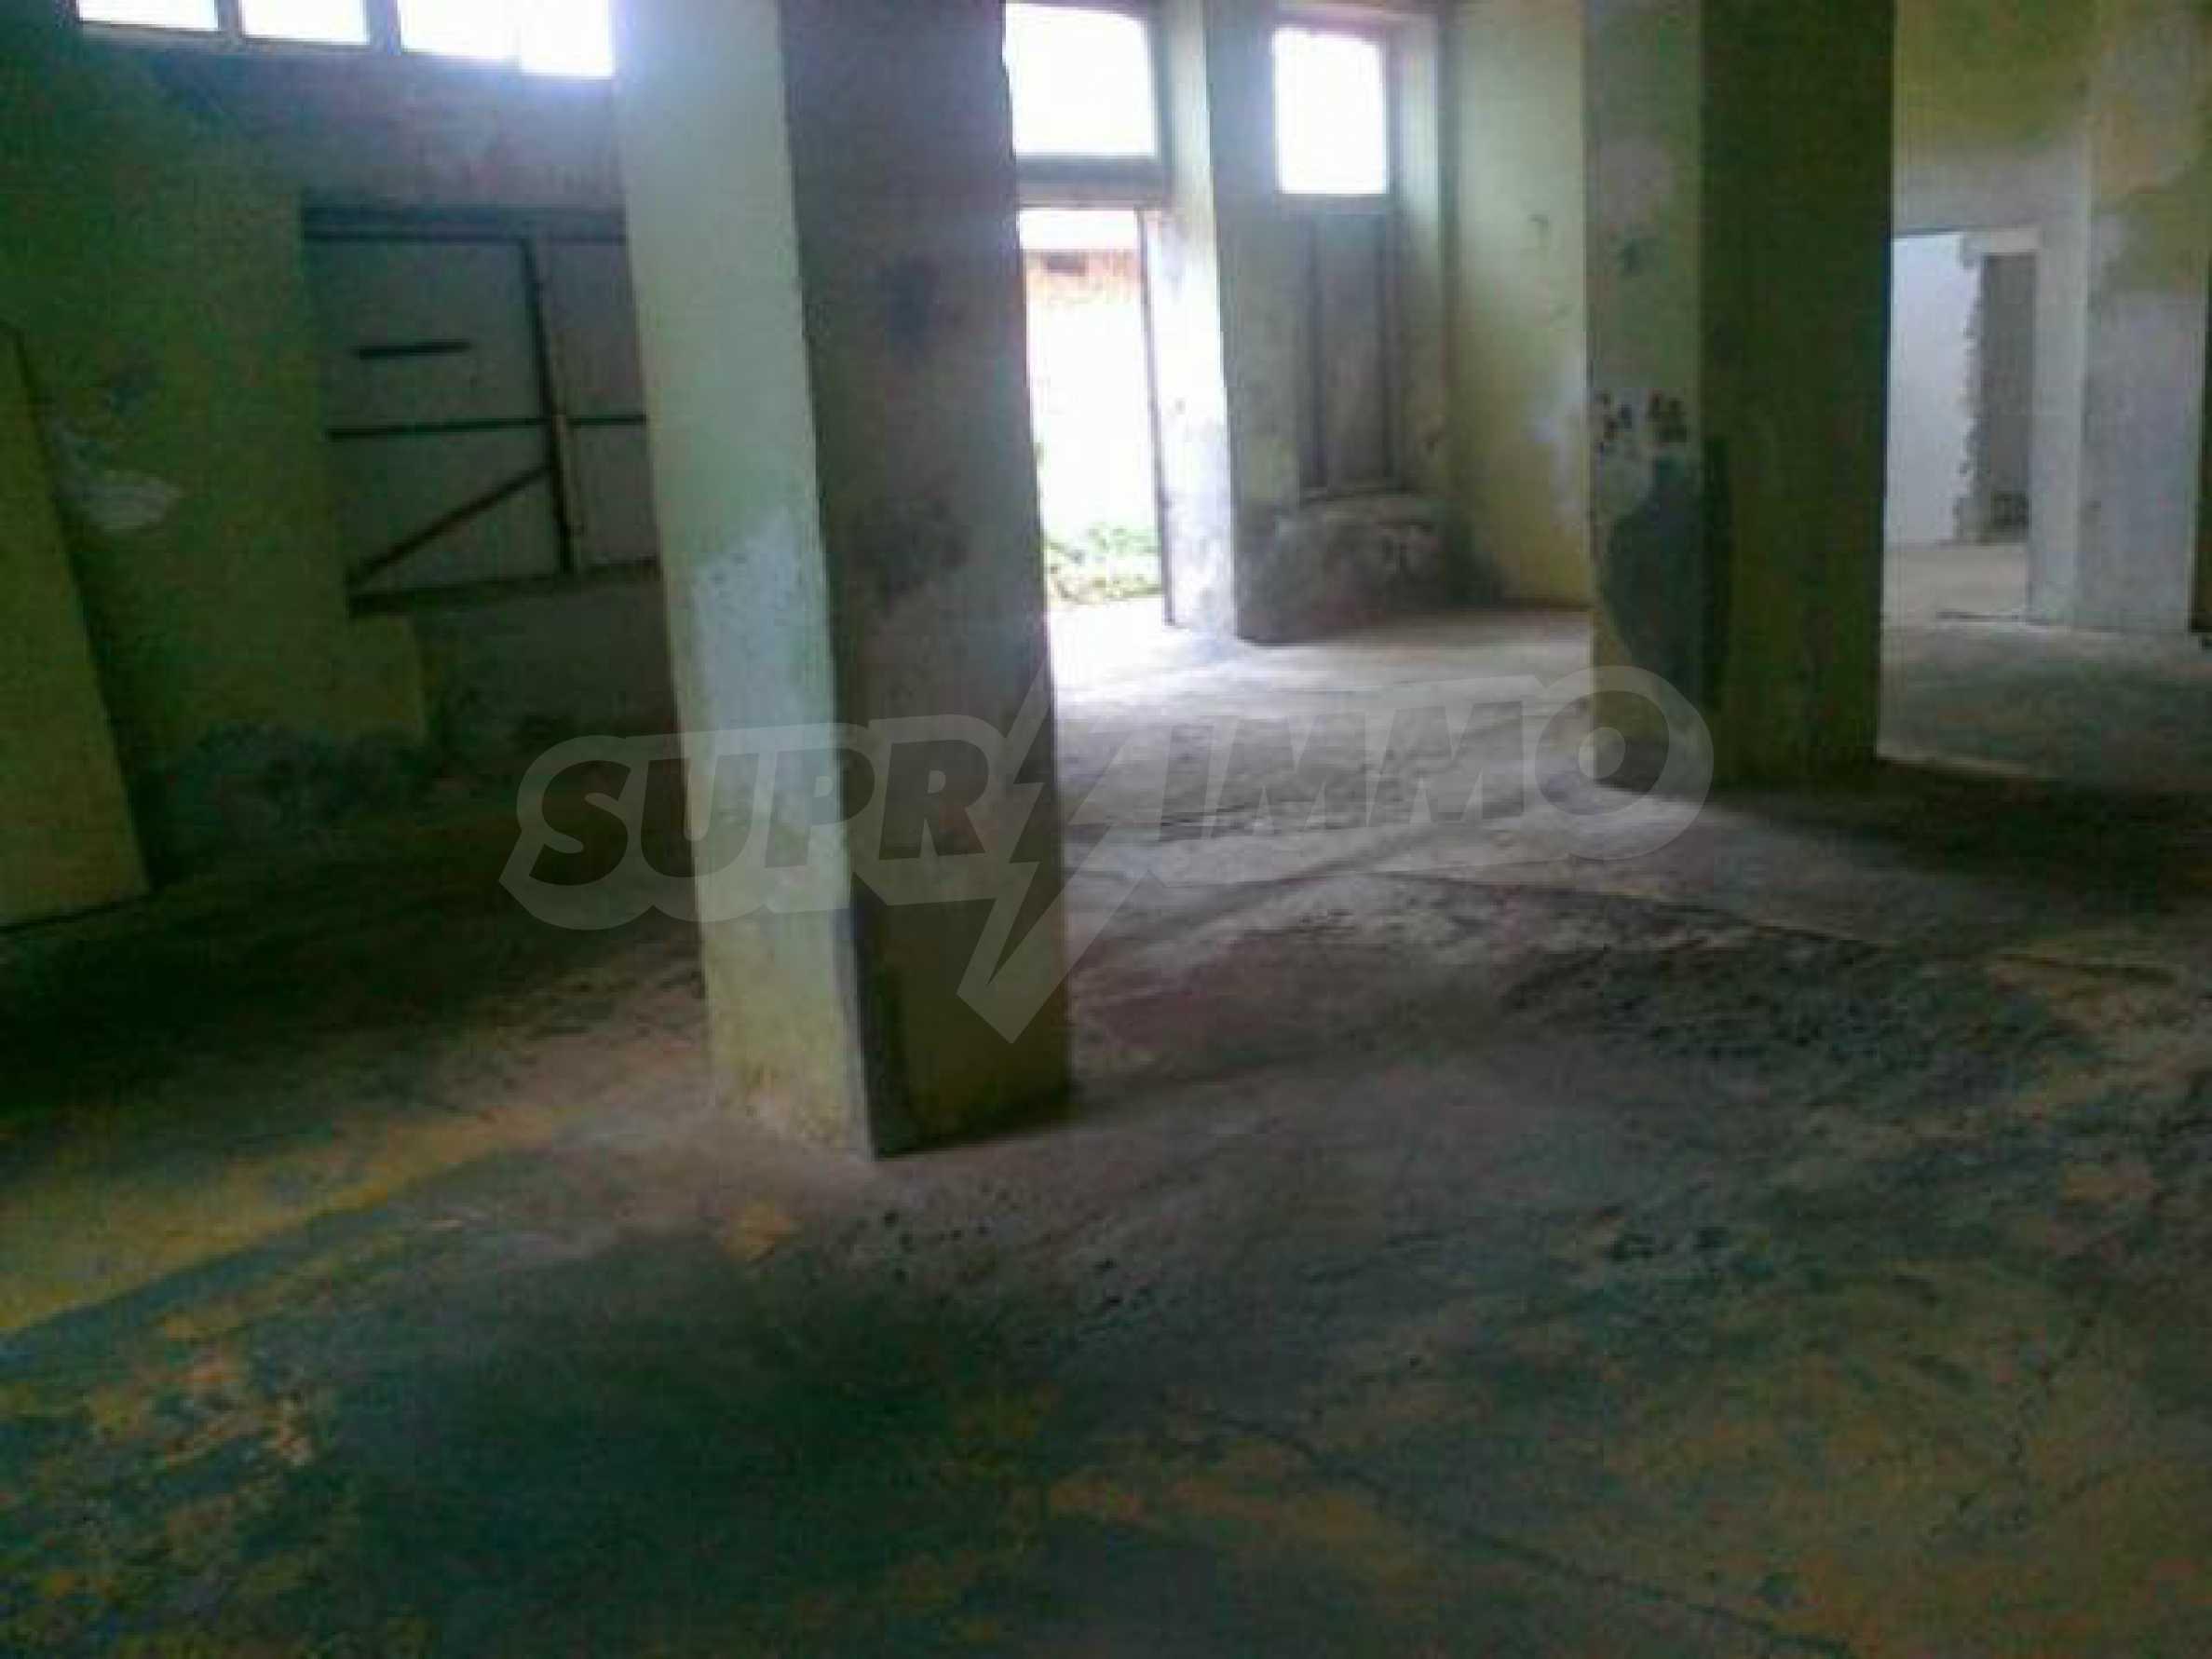 Massives dreistöckiges Lagerhaus in einer Stadt 40 km von Veliko Tarnovo entfernt 12